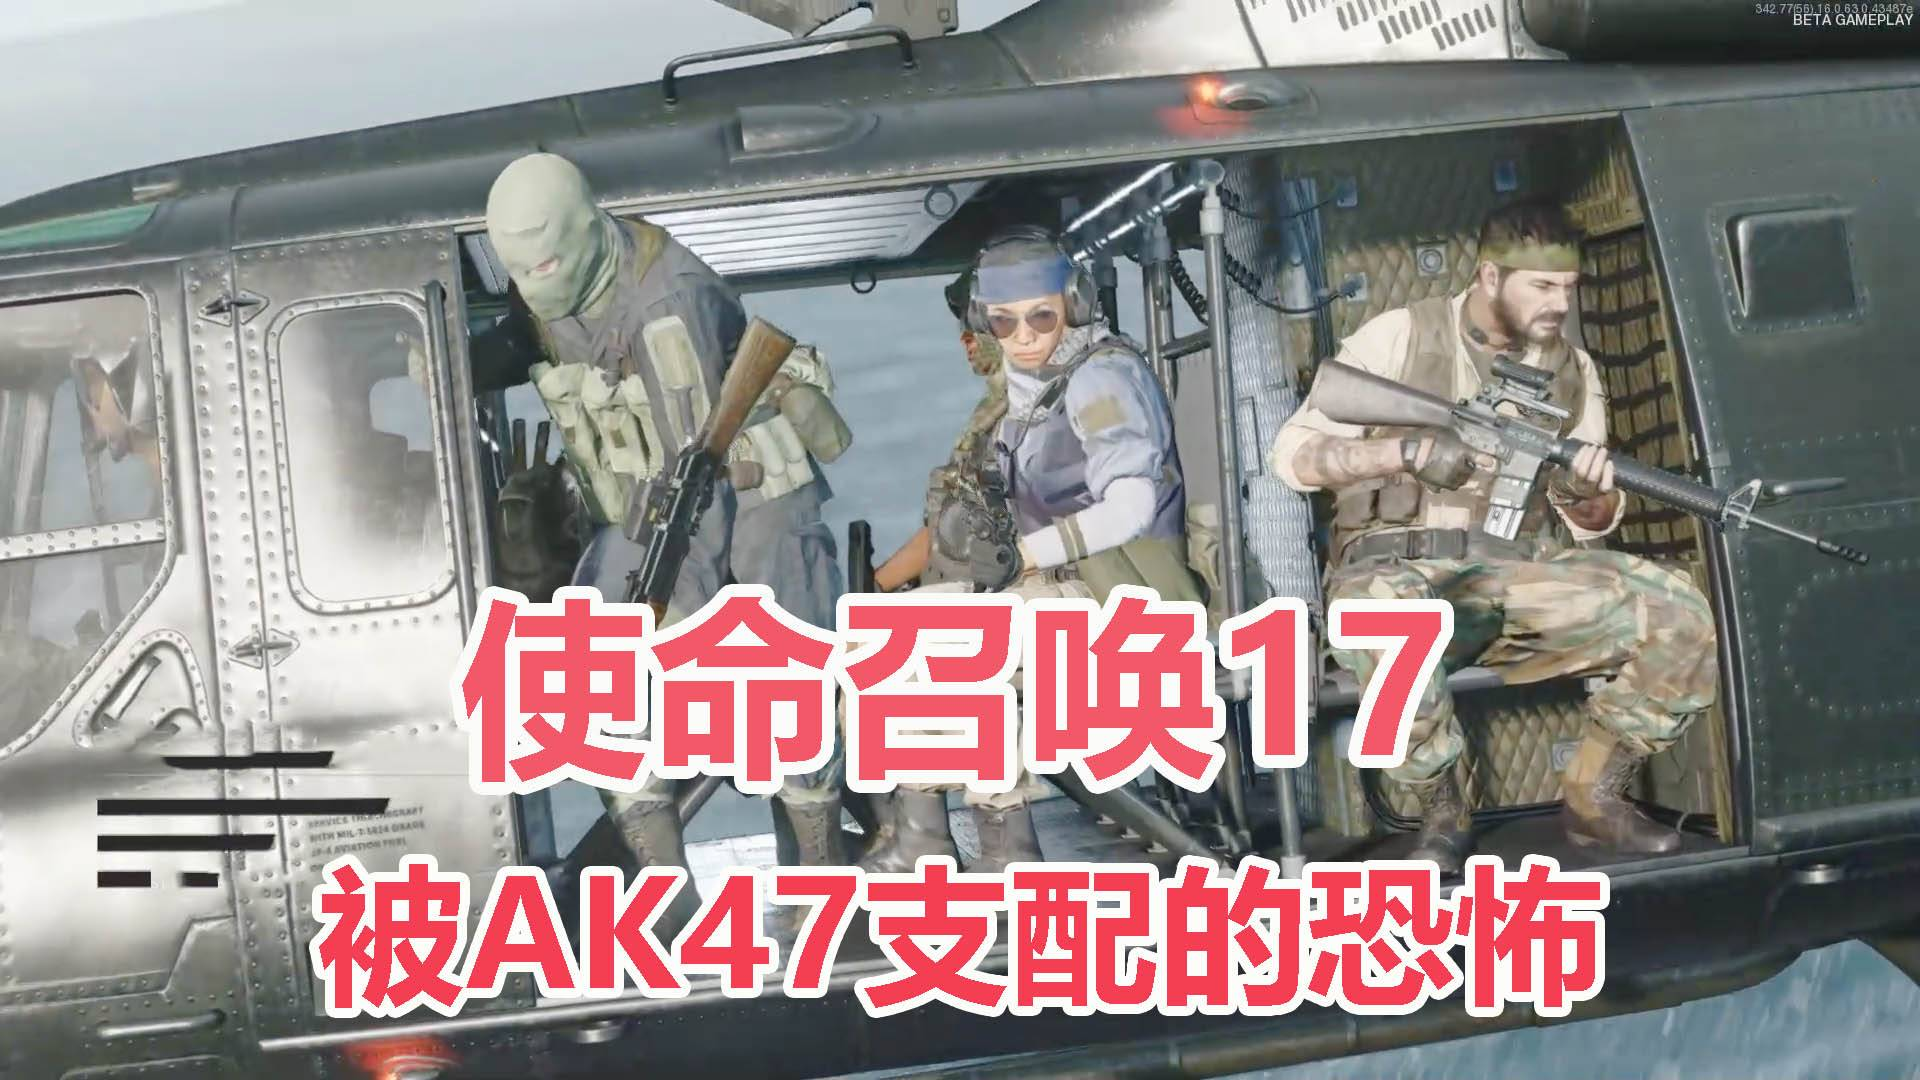 使命召唤17:满改8配件后的神器,感受被AK47支配的恐怖杀伤力